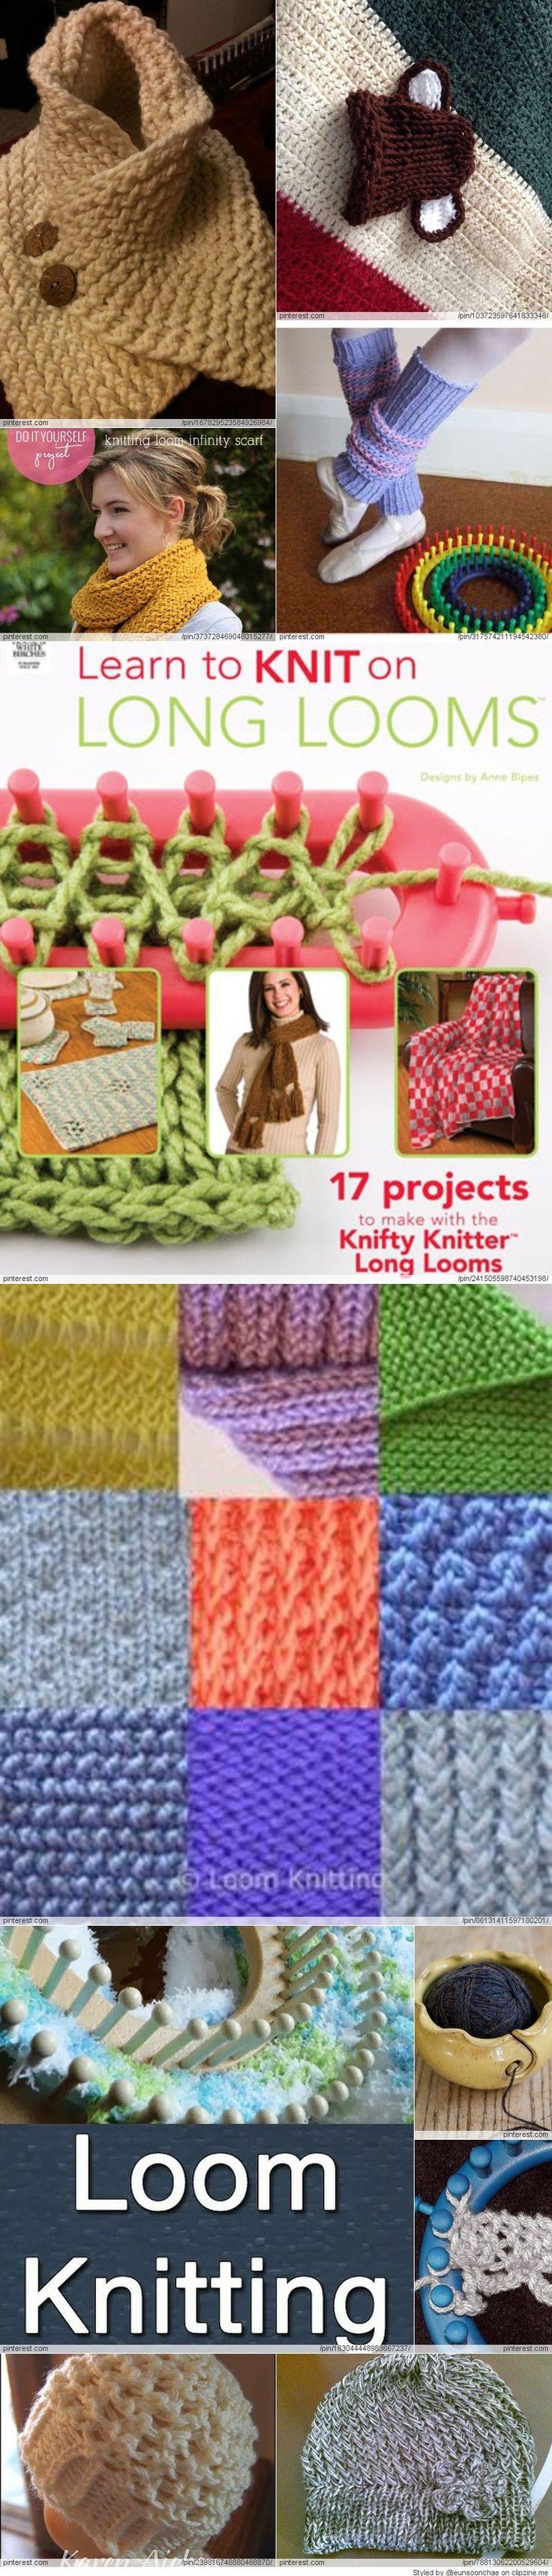 Knitting Board Sock Loom Patterns : Best 25+ Sock loom ideas on Pinterest Knitting loom socks, Sock loom patter...